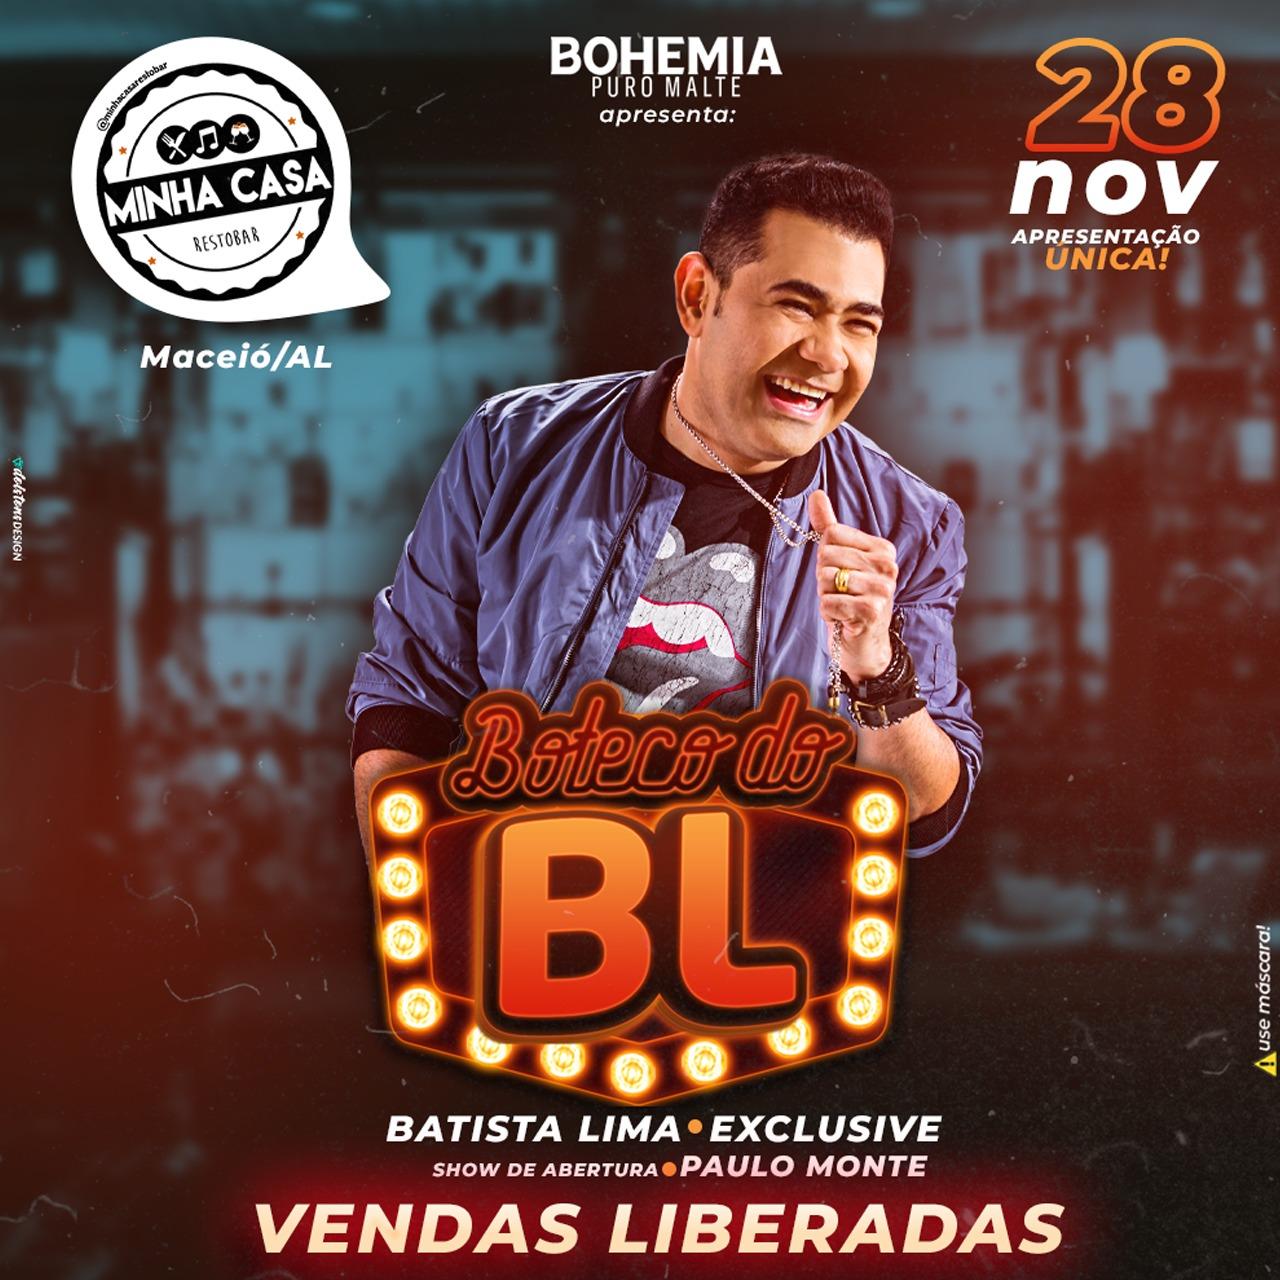 Batista Lima Exclusive